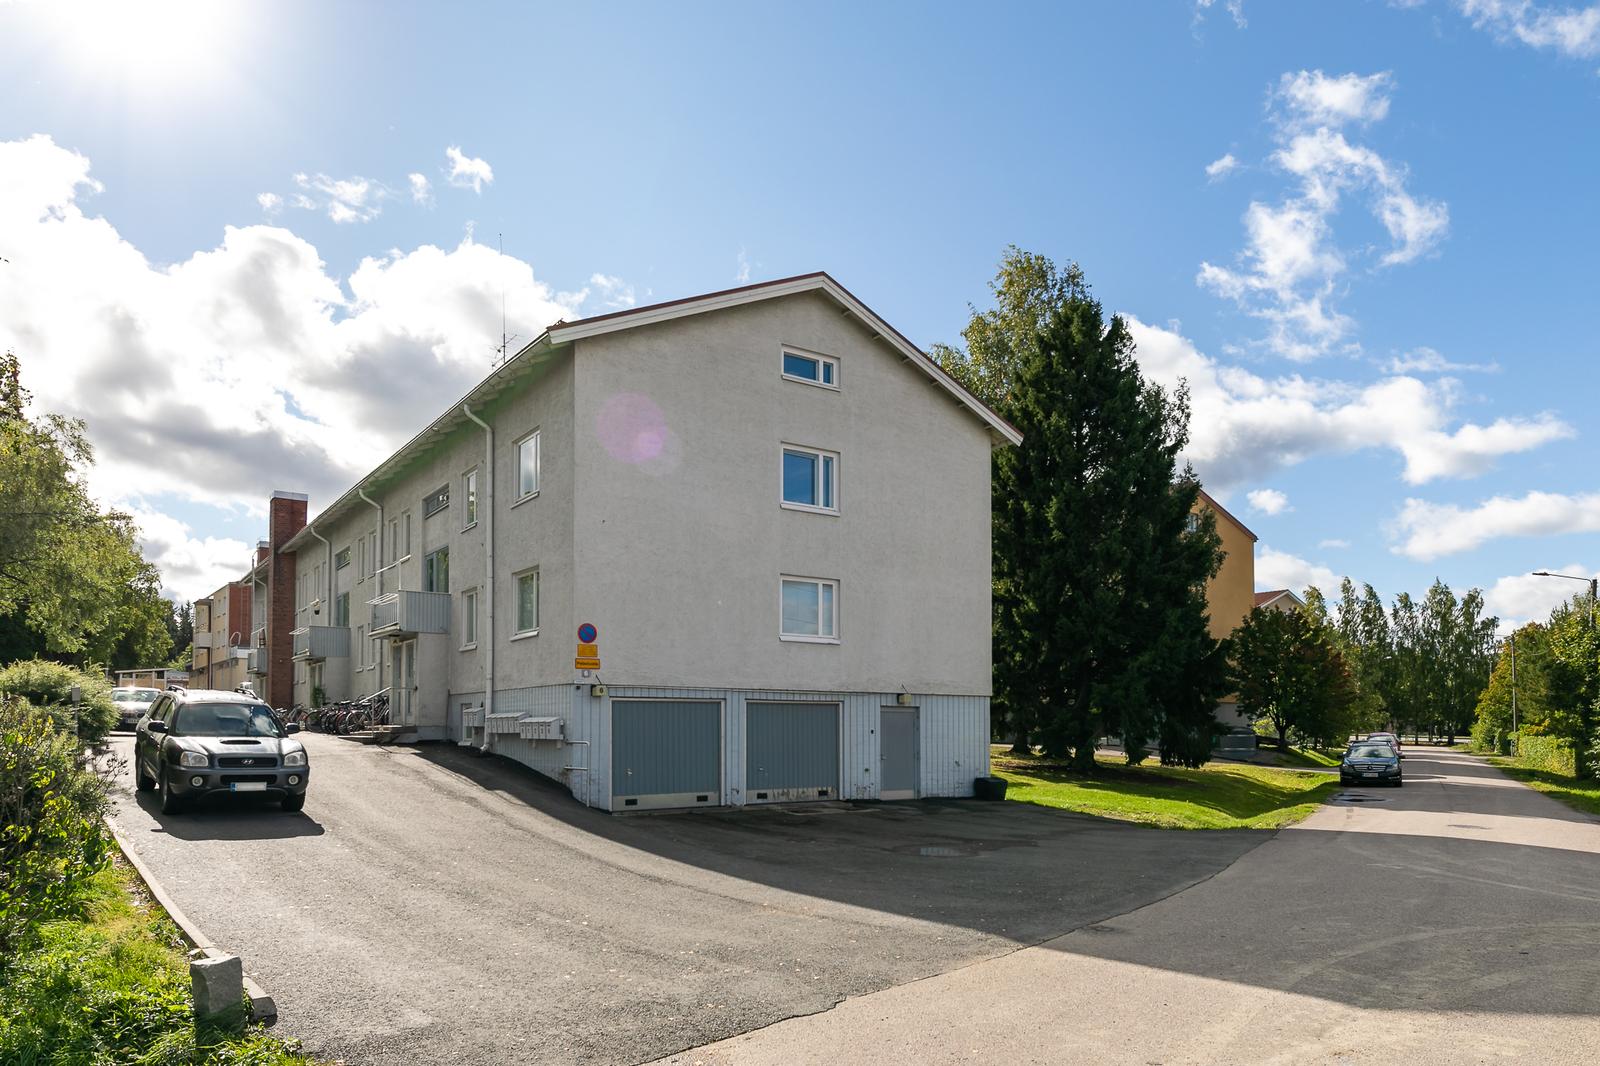 Koivistonkylä, Tampere